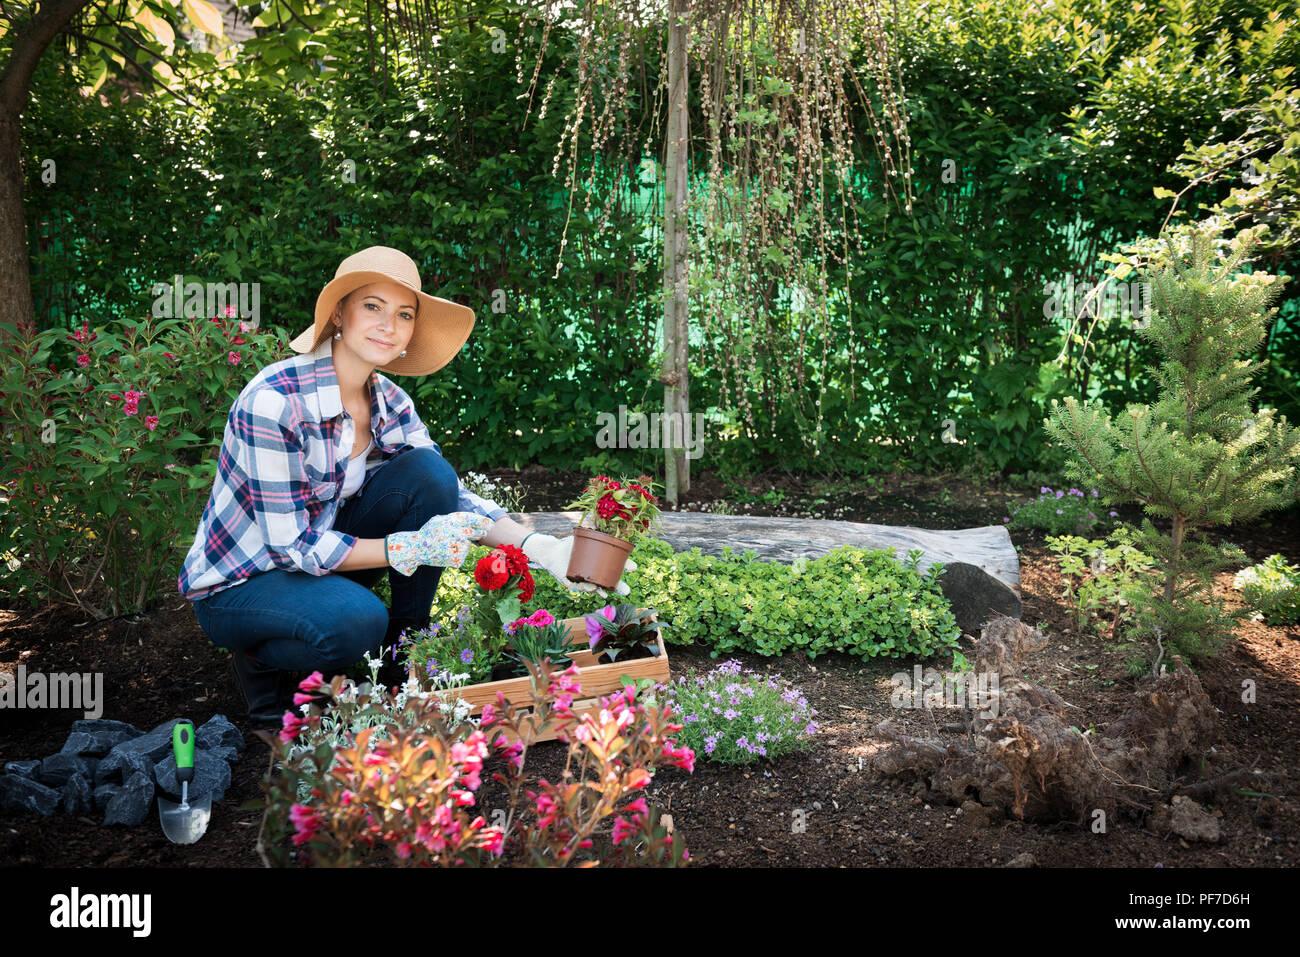 Jardinero de mujer hermosa mirando a la cámara, sosteniendo flores dispuestas a ser plantado en su jardín. Concepto de jardinería. Imagen De Stock